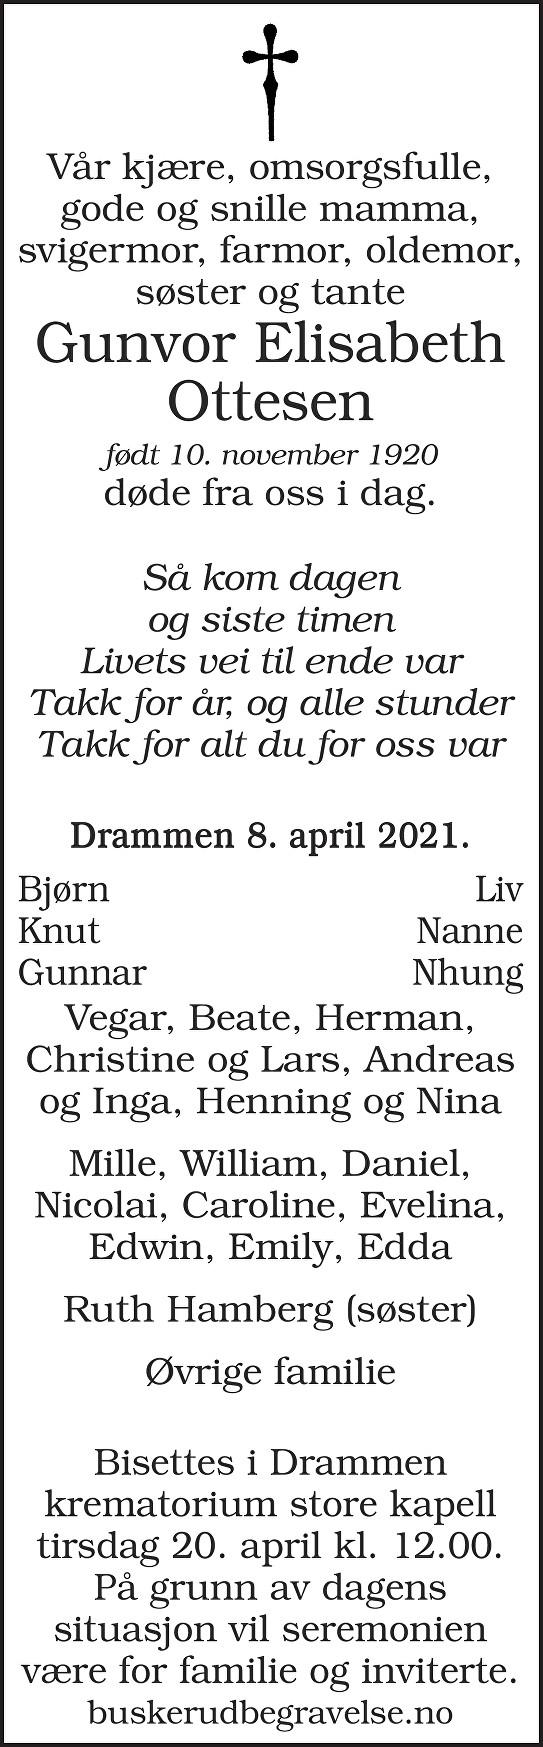 Gunvor Elisabeth Ottesen Dødsannonse